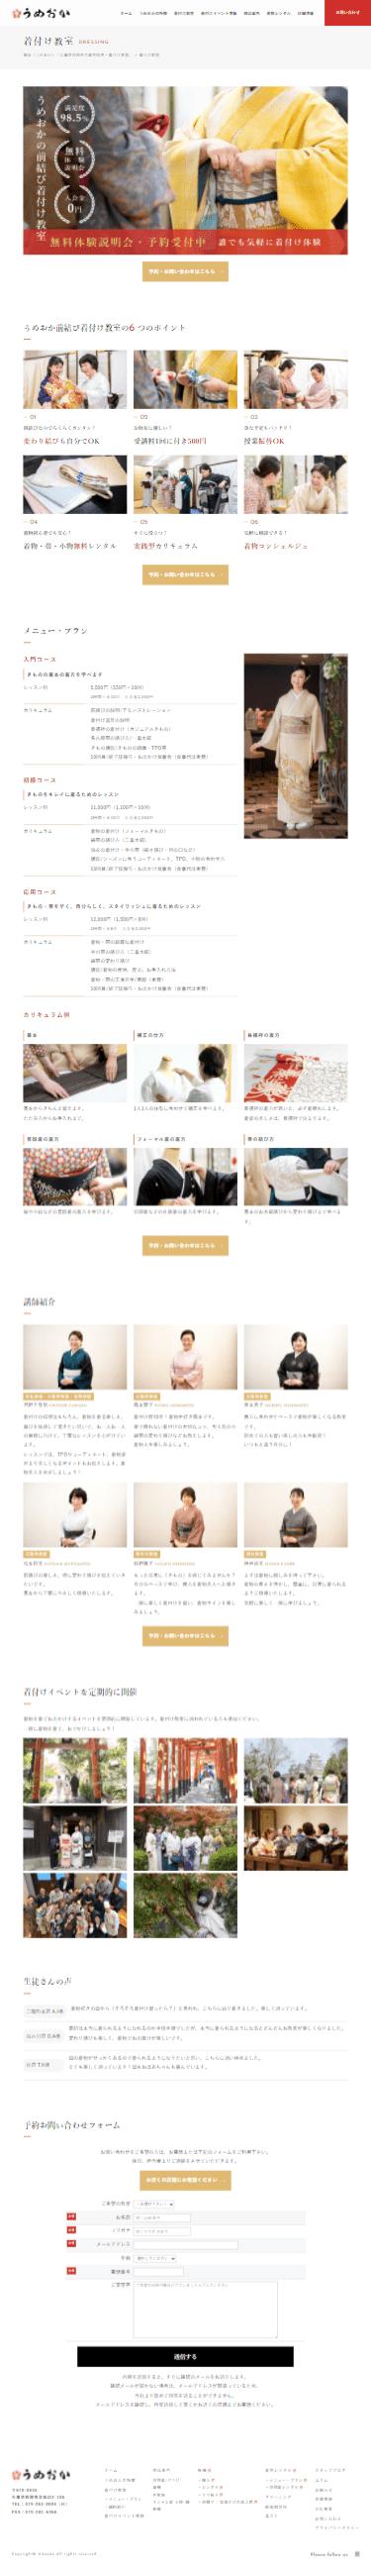 梅岡株式会社 ホームページ制作4